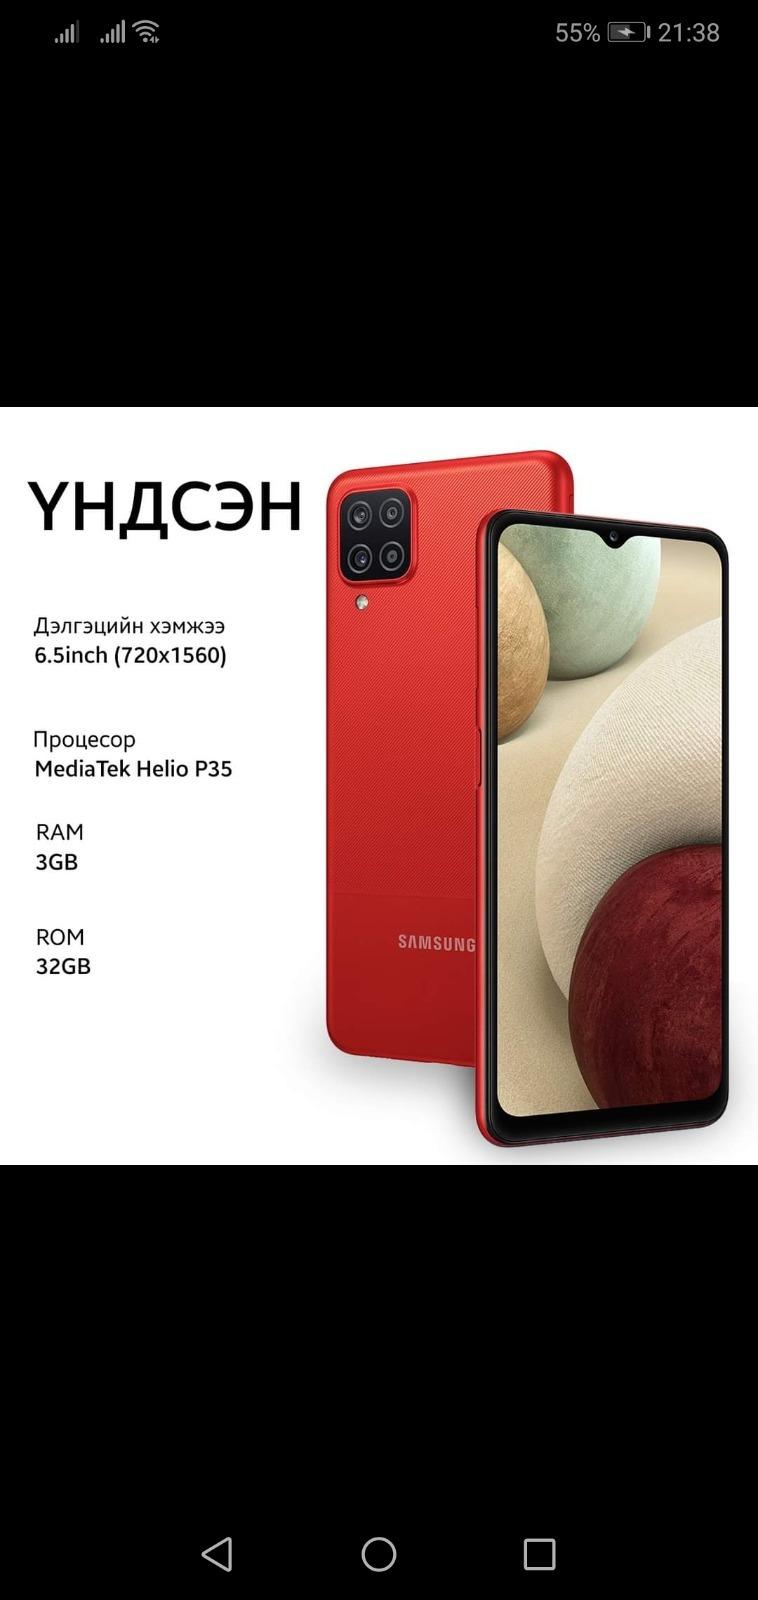 Samsung Galaxy A12 2021 оны шинэ загвар худалдаанд гарлаа